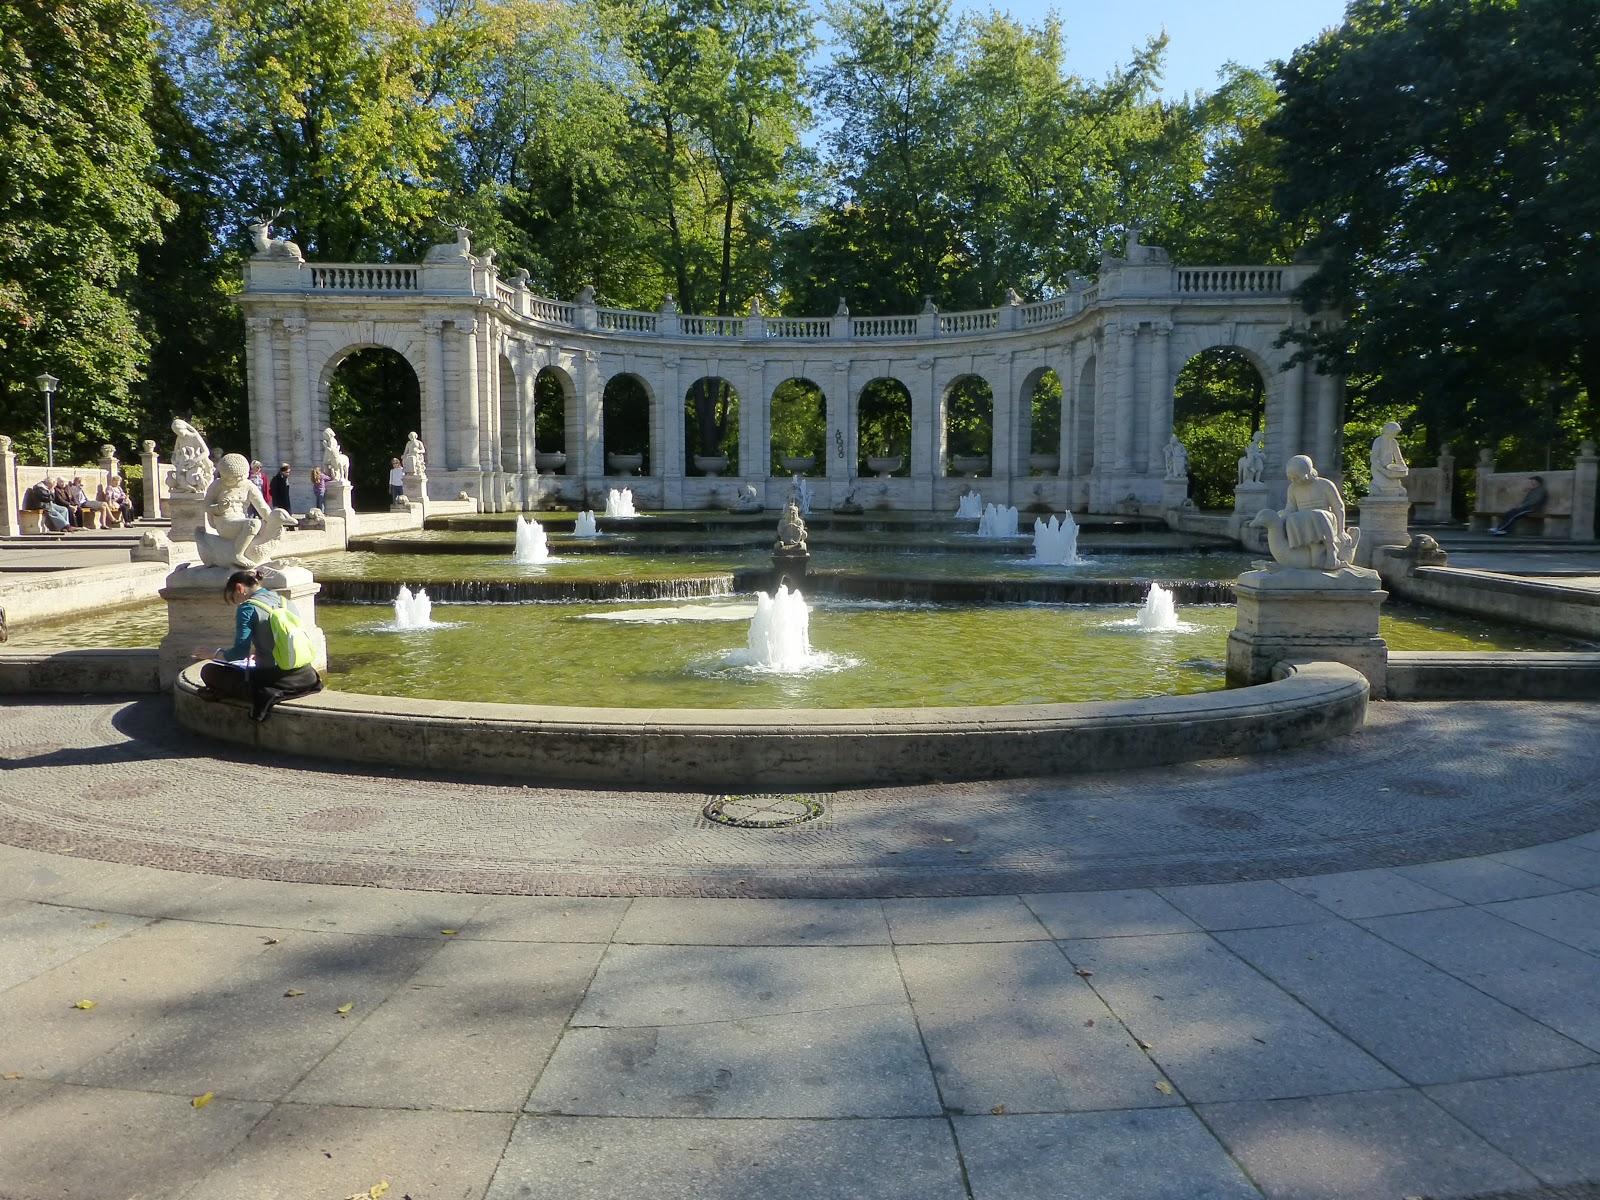 Friedrichshain Park. Viajar Juntas. Viajes de Mujeres.Salidas grupales diseñadas y pensadas para mujeres. Viajes de mujeres en grupo